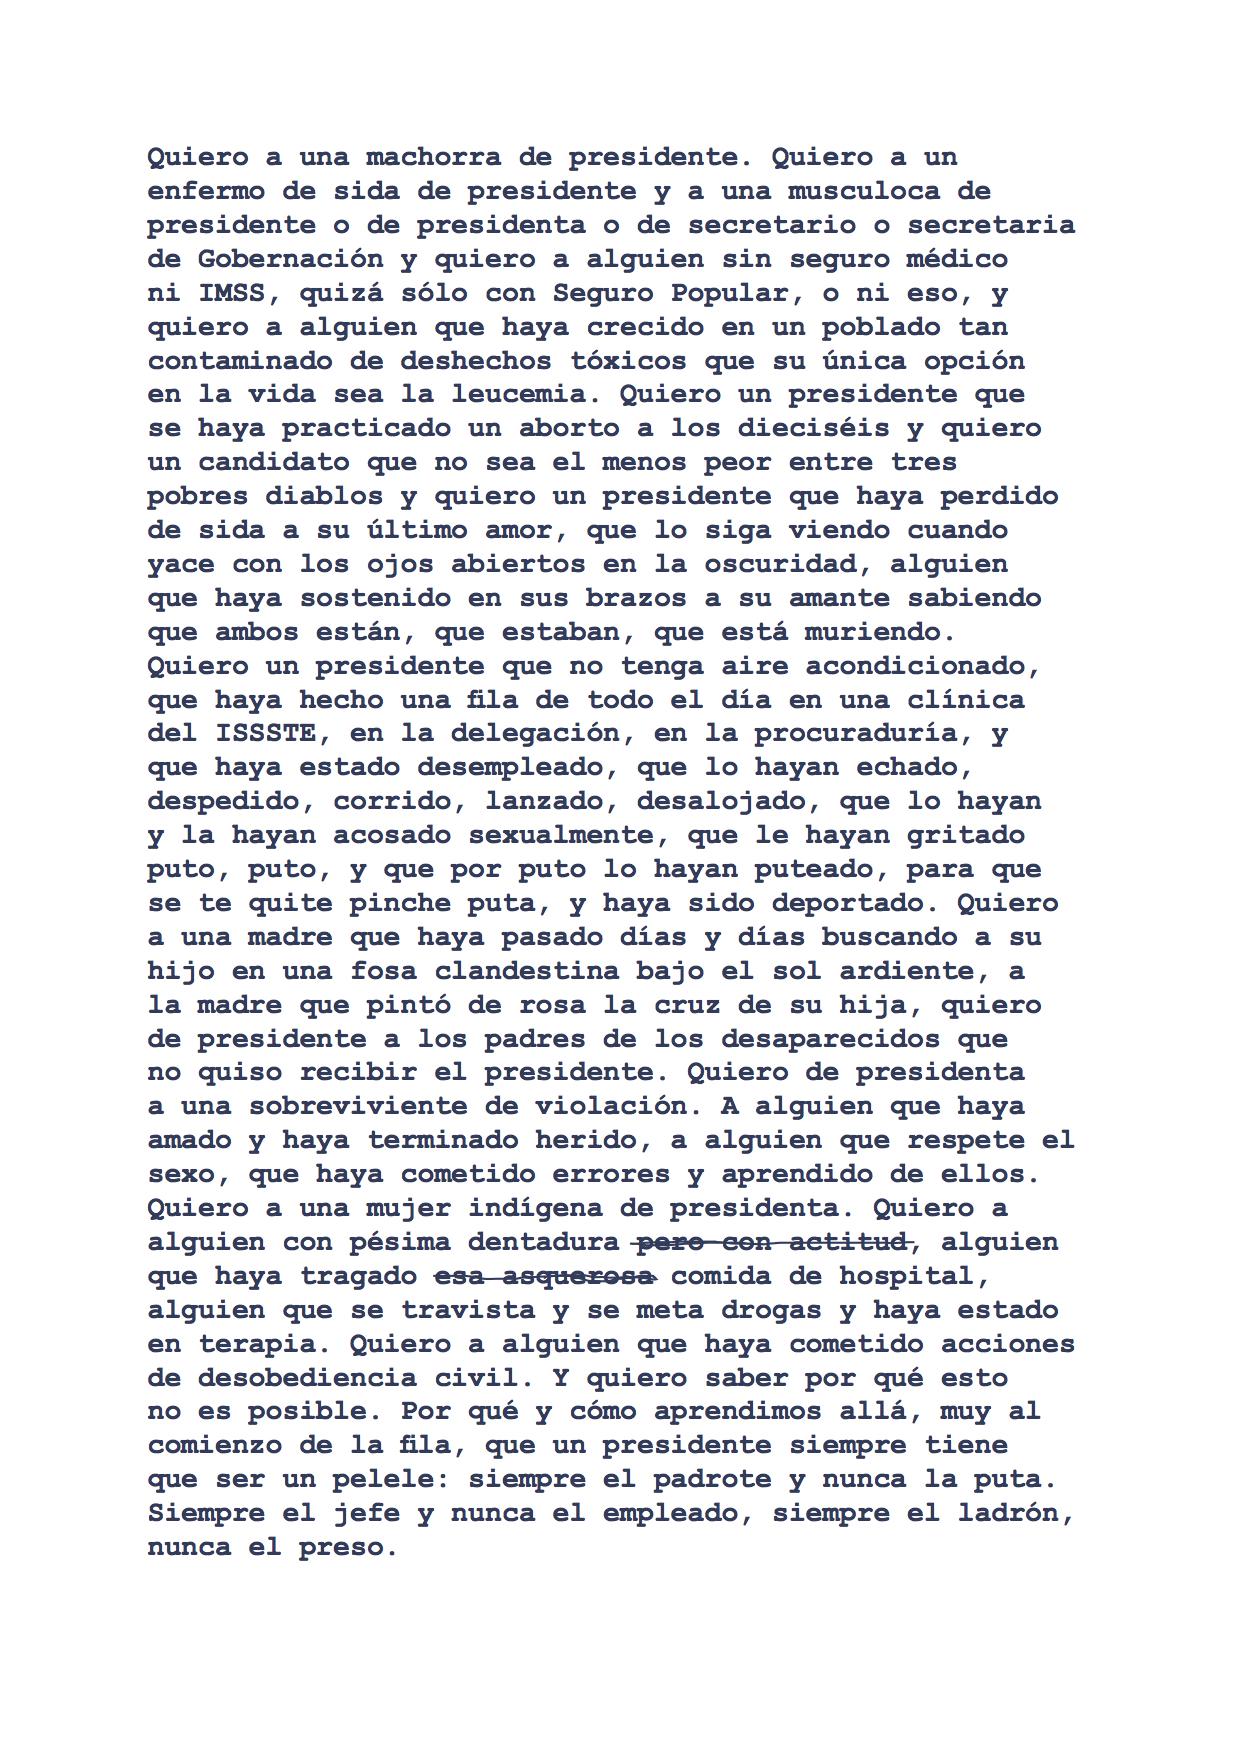 Versión libre adaptada por Luis Felipe Fabre de la obra original  I Want a President  de Zoe Leonard, 2018  Edición por Alias Editorial